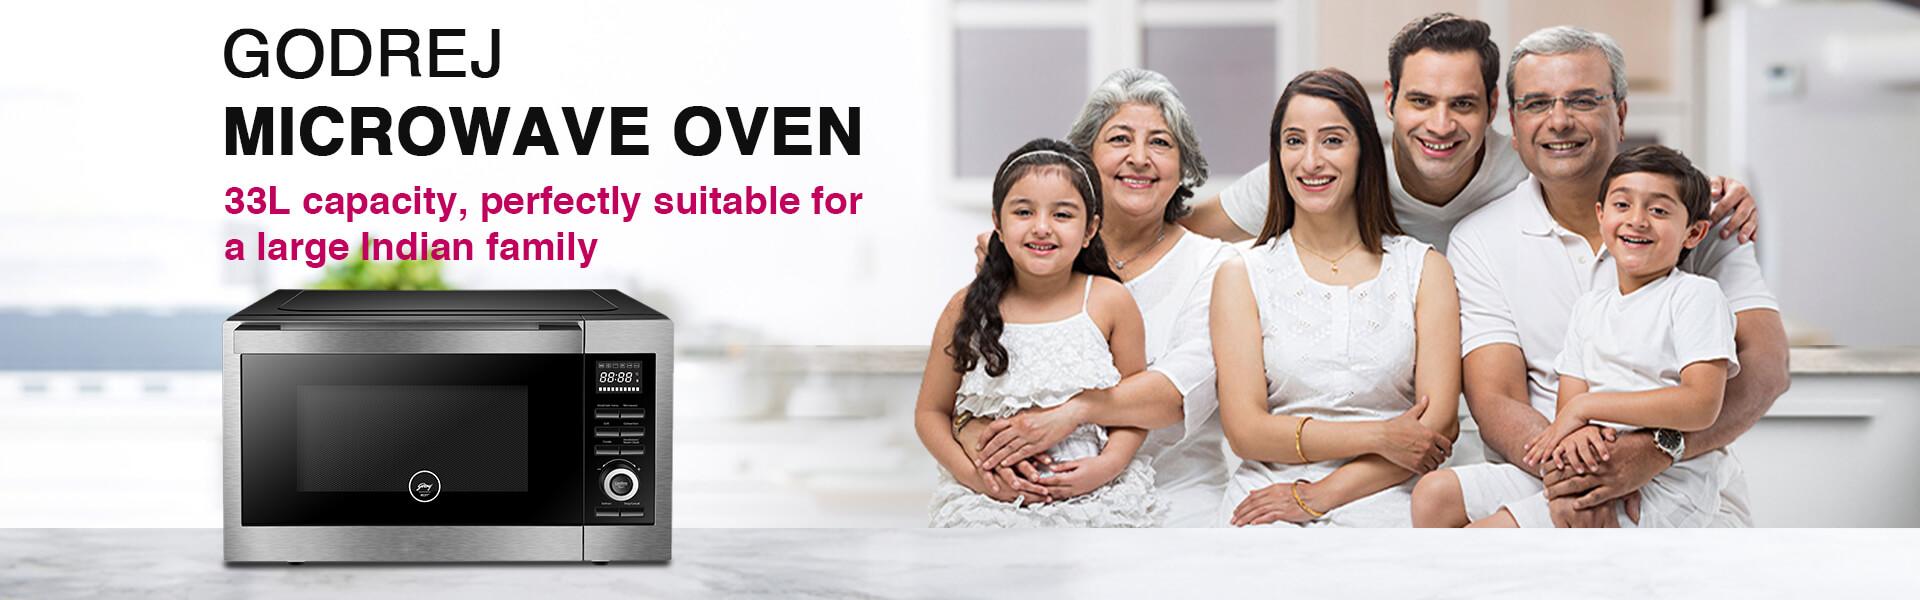 Godrej Microwave Oven 33L Capacity